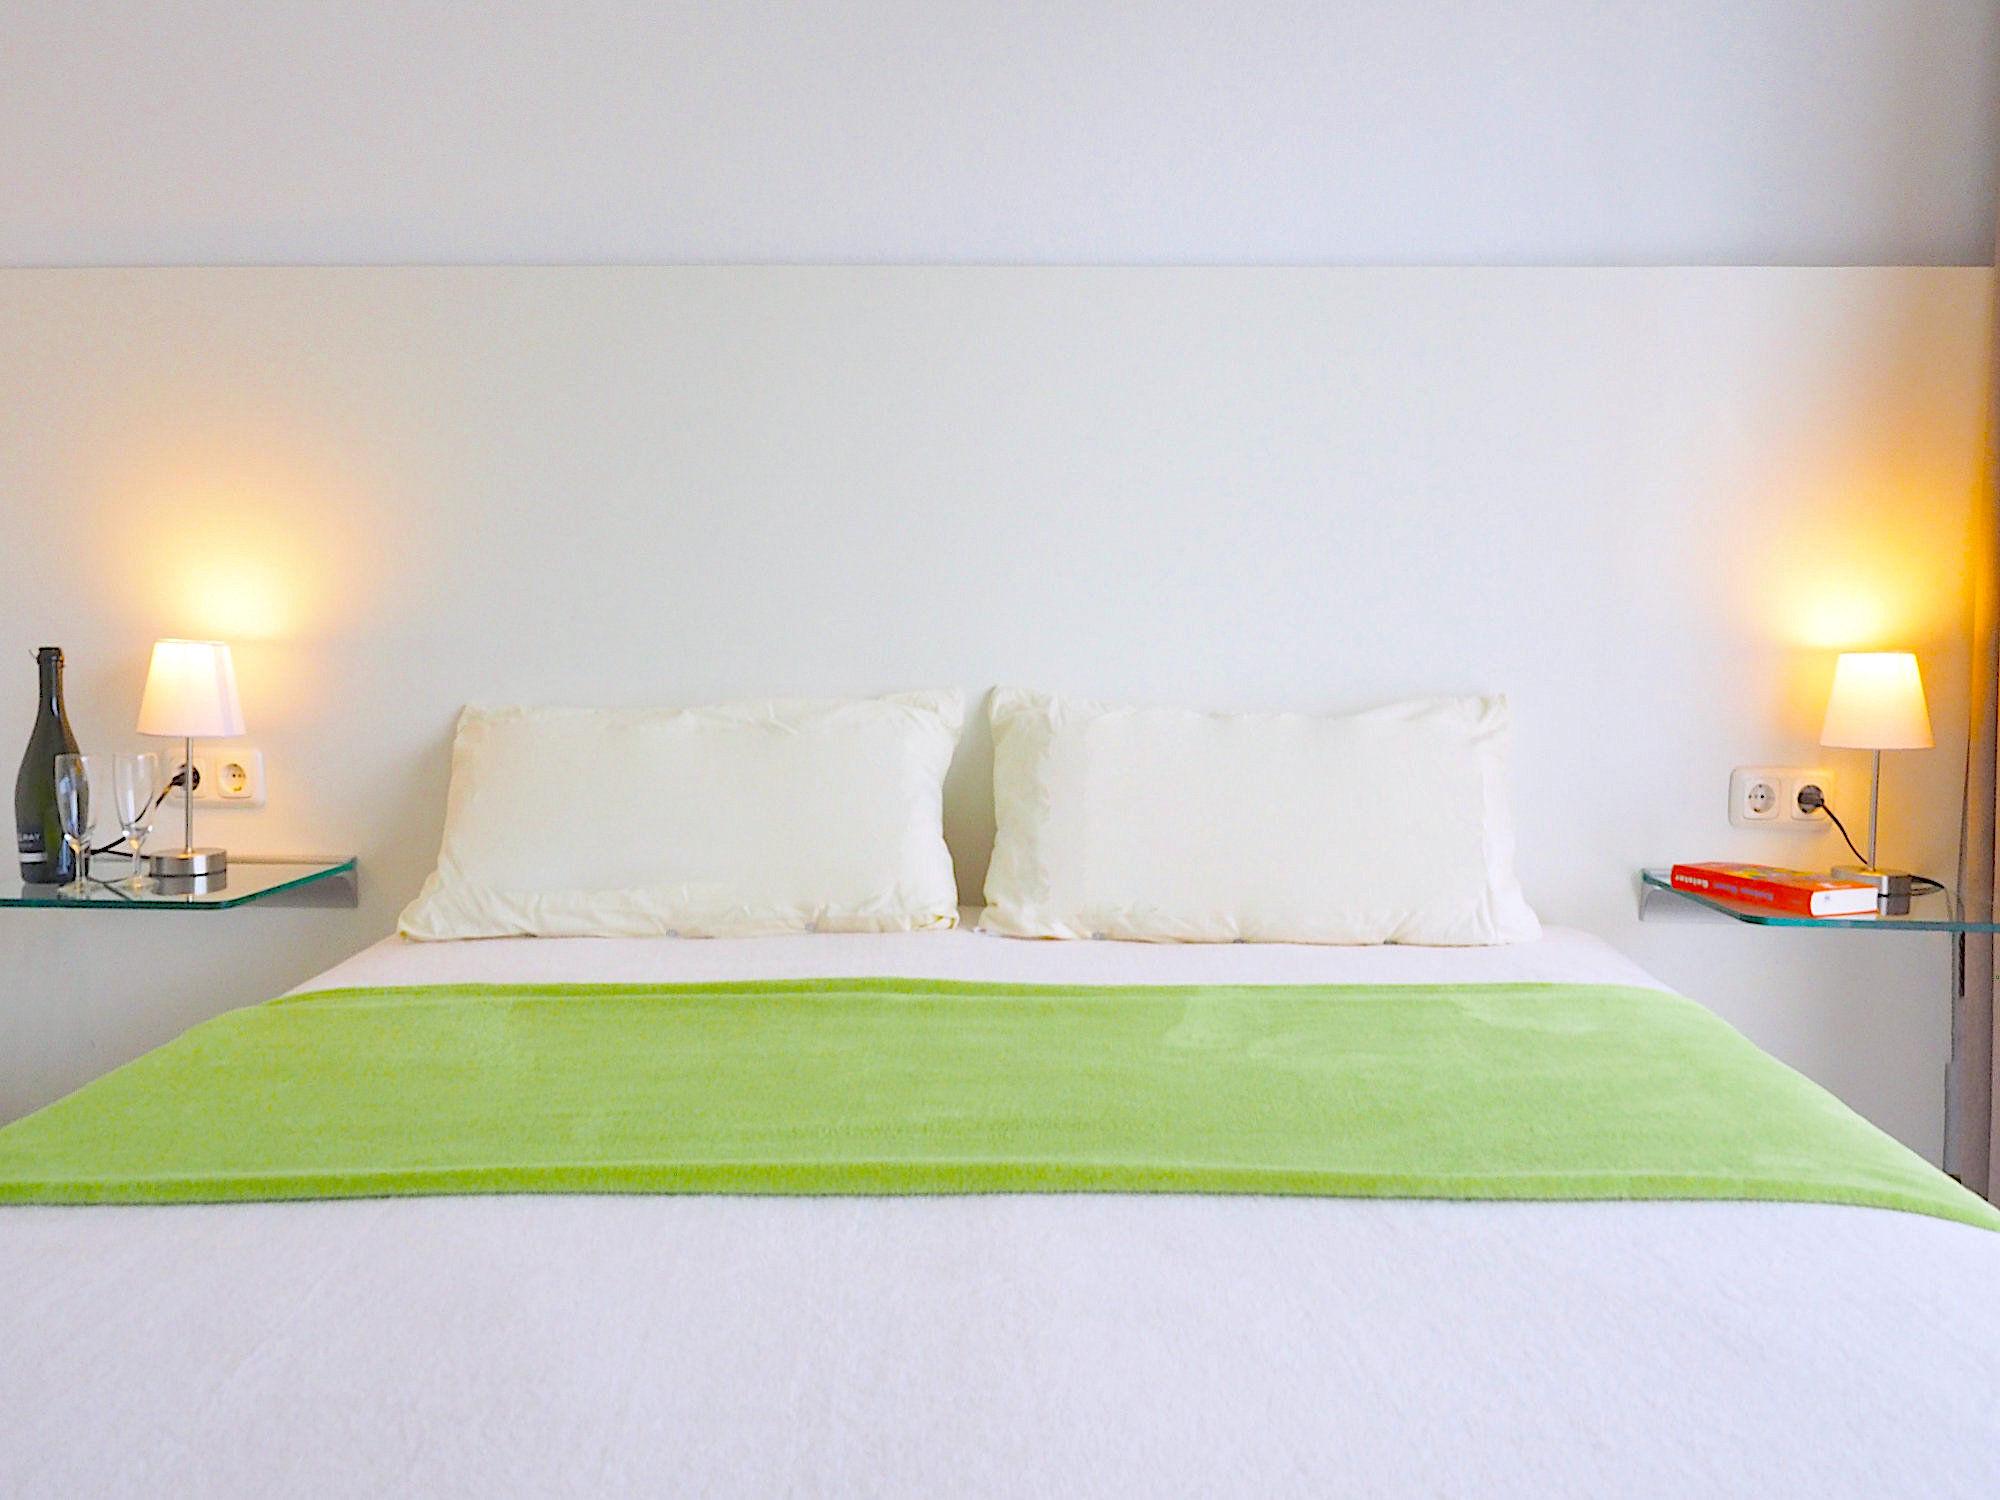 Schlafzimmer mit Doppelbett, Kopfteil mit Kopfkissen, Glaskonsolen links und rechts vom Bett